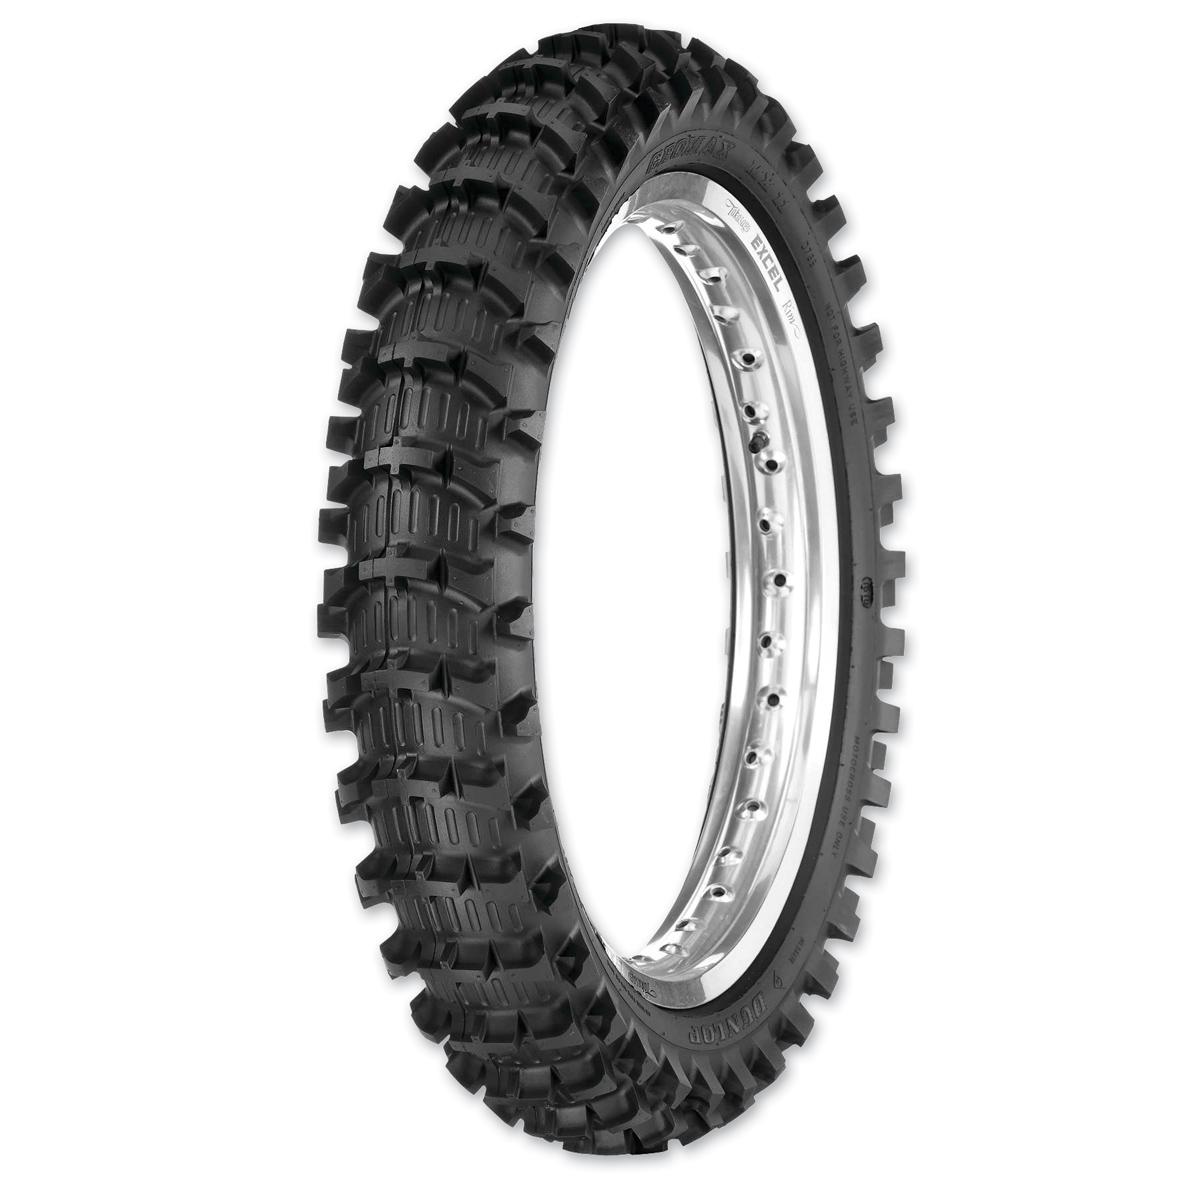 Dunlop MX11 90/100-14 S/T Rear Tire